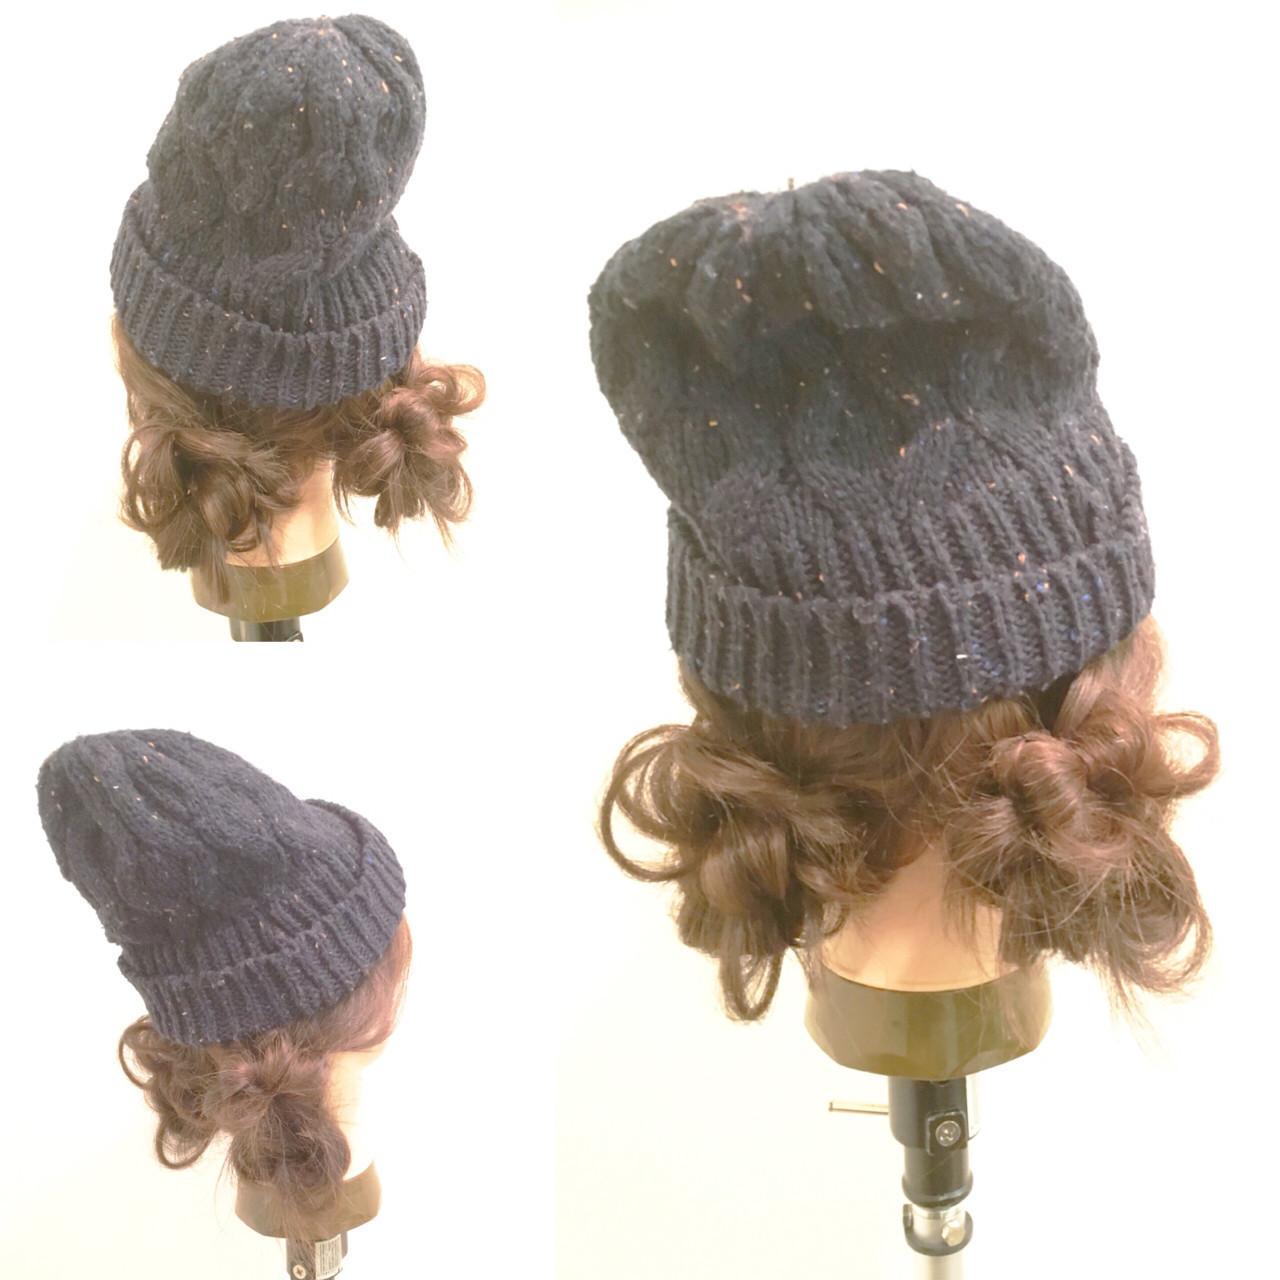 【ニット帽の髪型特集】おしゃれでかわいいヘアアレンジをマスター♡の12枚目の画像